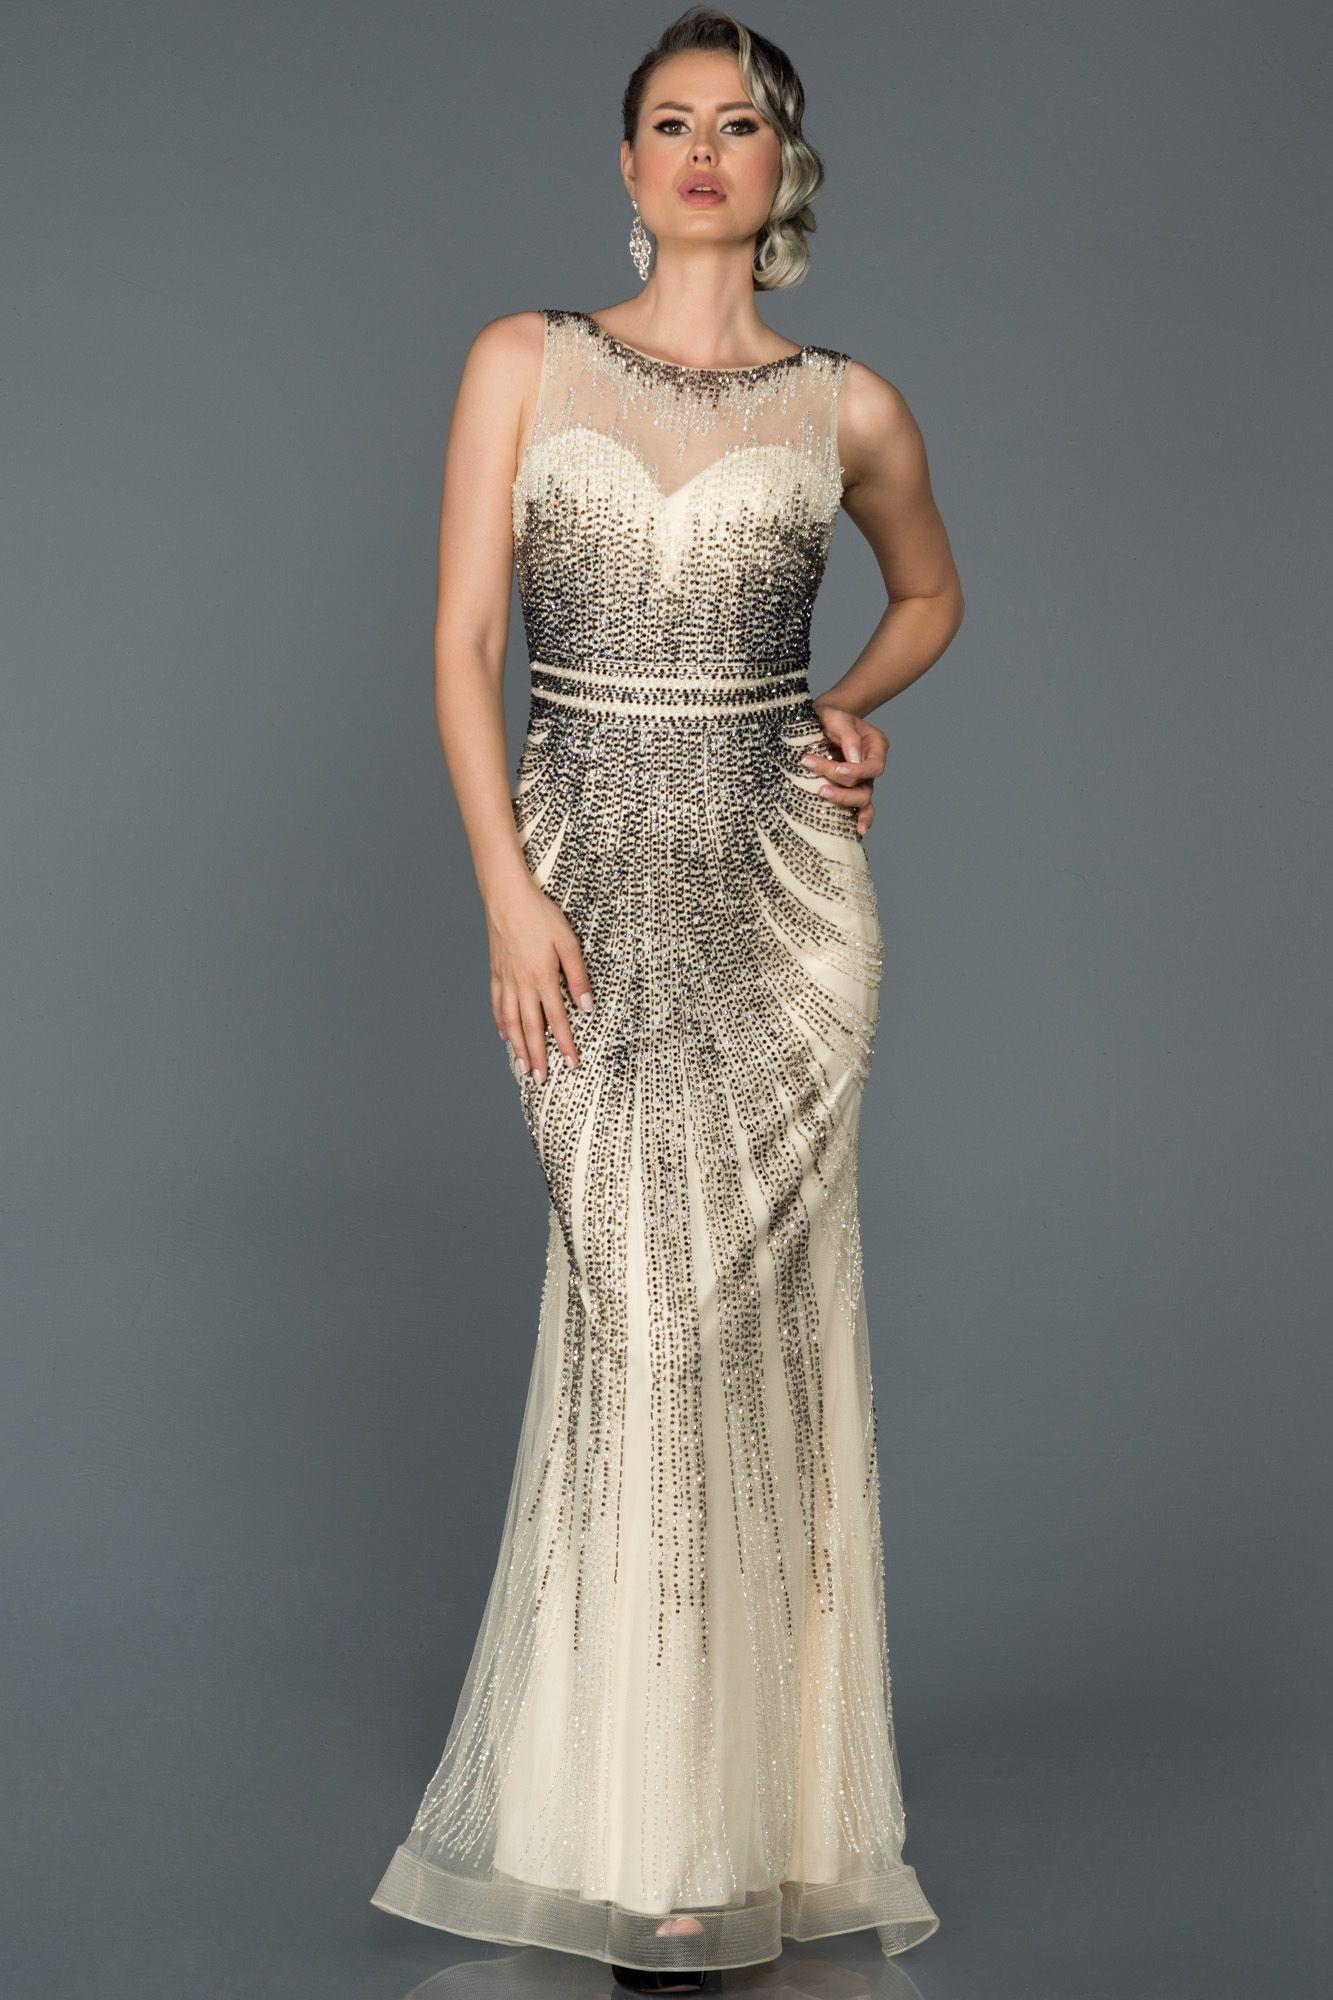 Bej Tas Islemeli Ozel Tasarim Abiye Abu118 2020 Elbise Elbise Modelleri The Dress